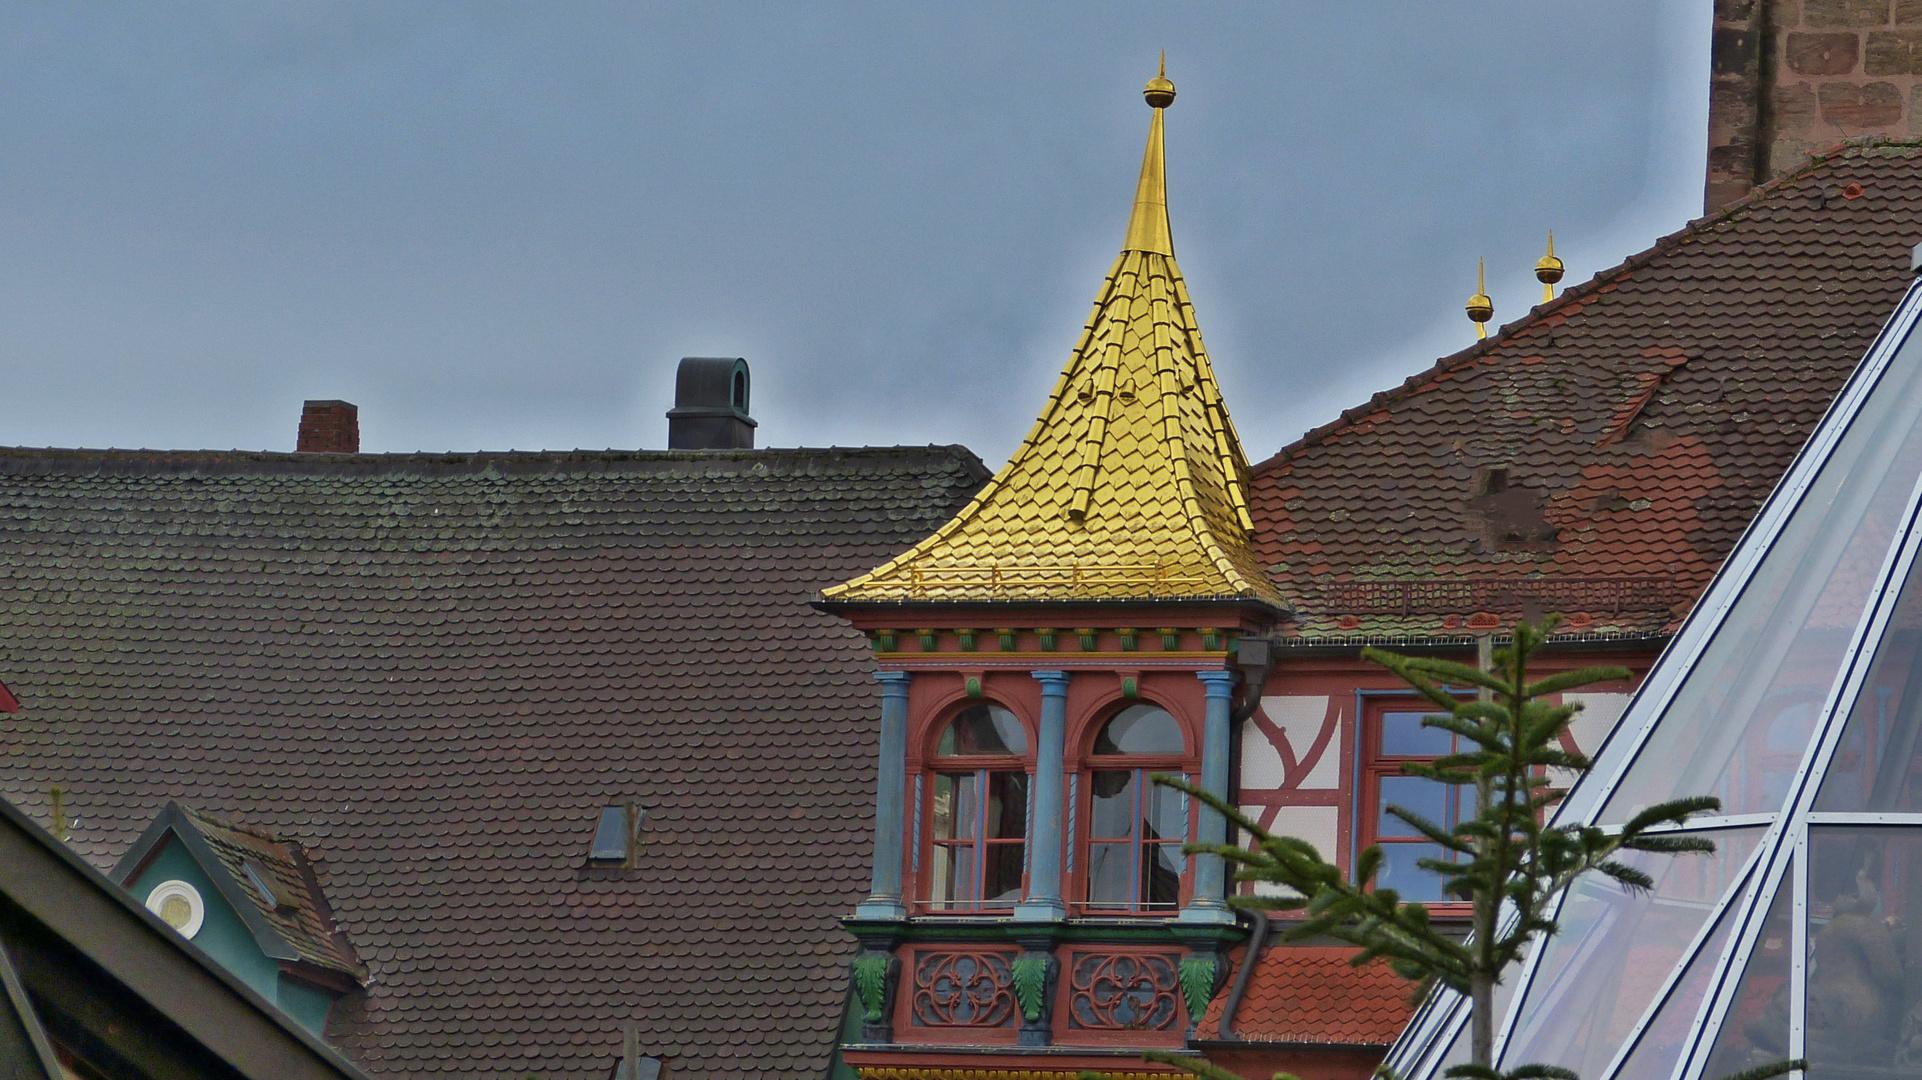 Das prächtige Rathaus von Schwabach